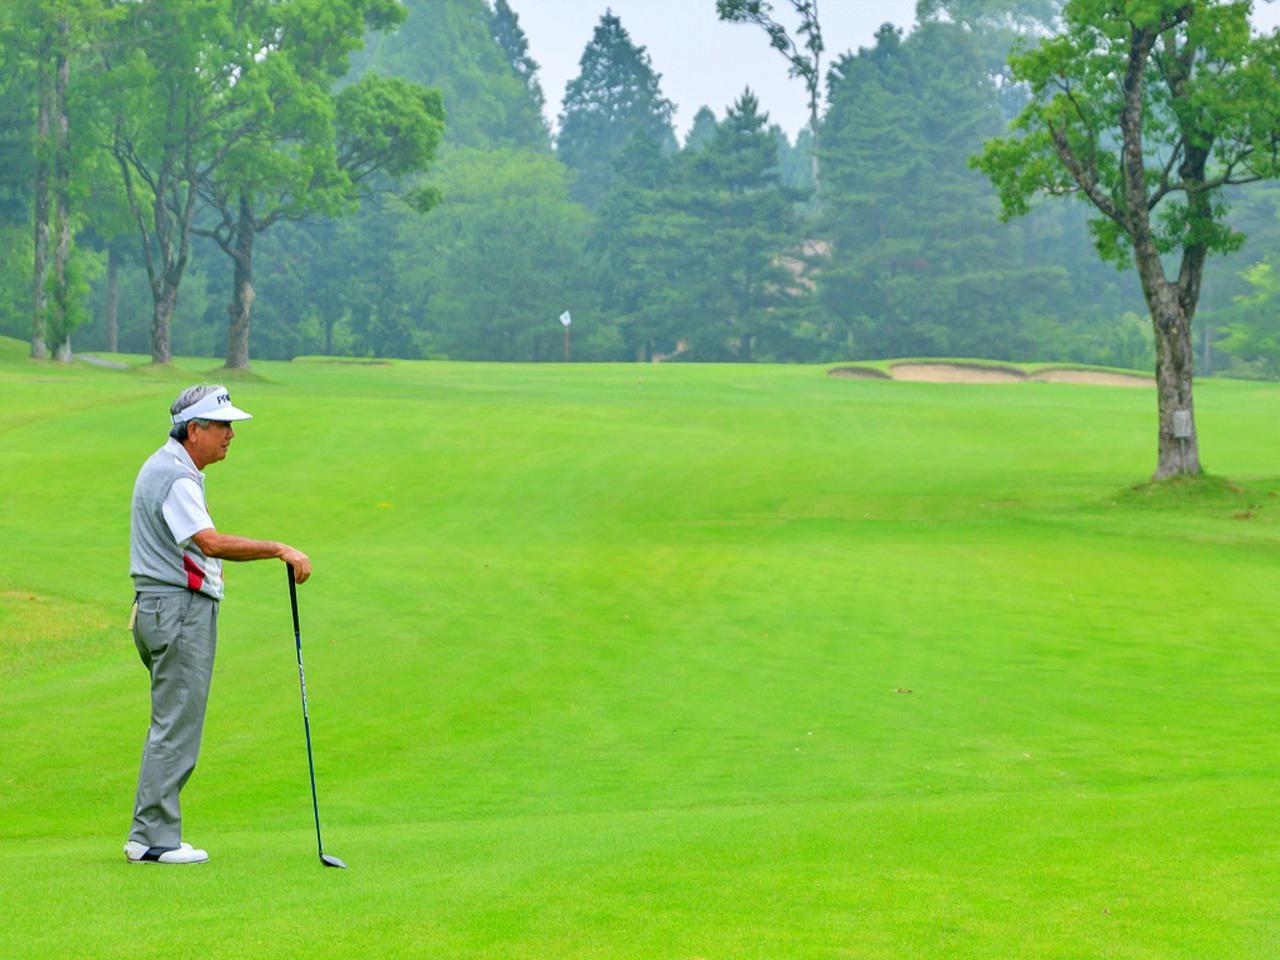 画像: 「いろんなことをごちゃごちゃ考えていると、プレーに集中できません。そんなゴルフのどこがおもろいんですか!」